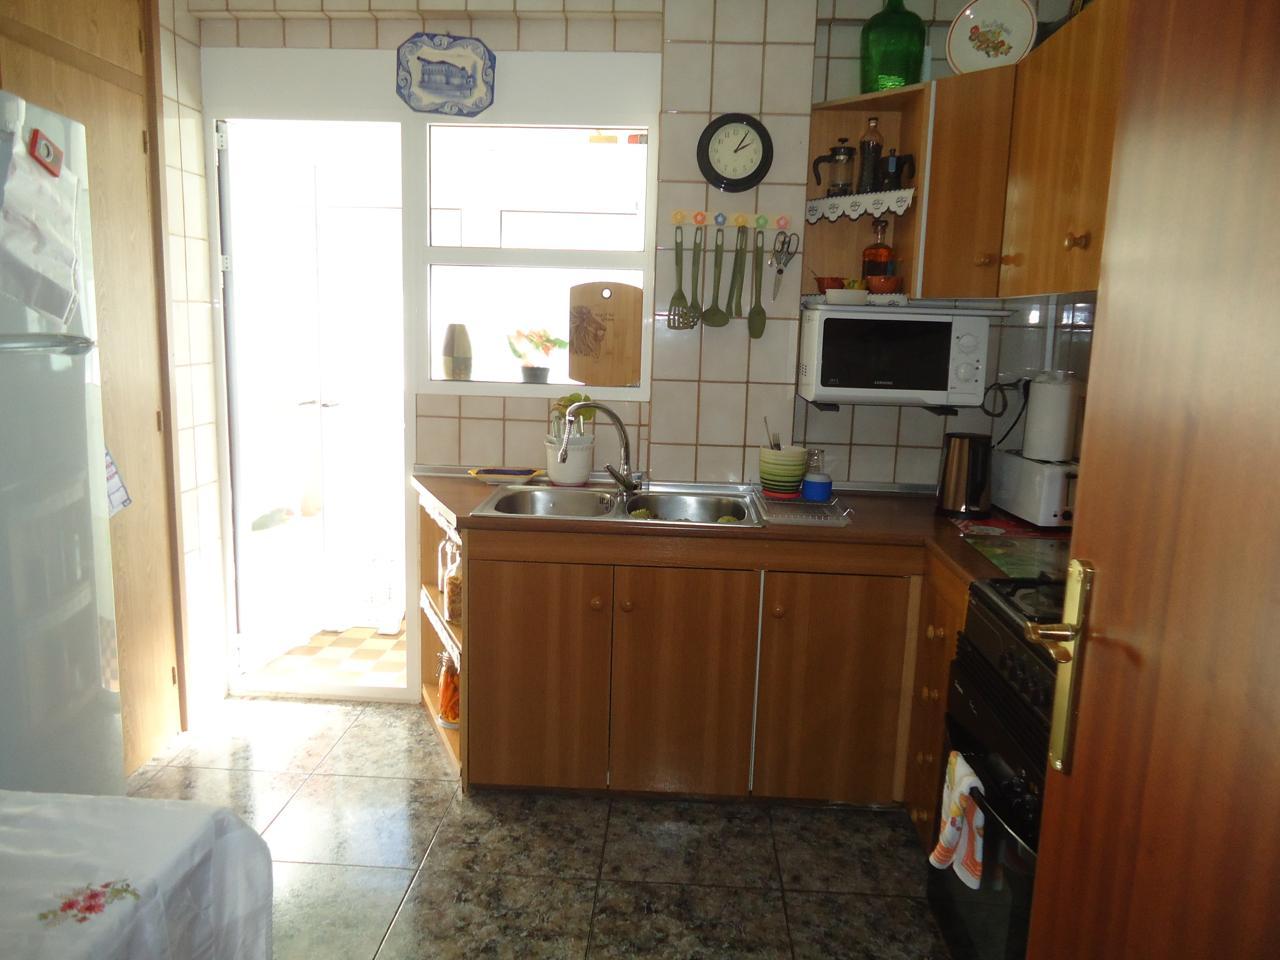 Affitto Appartamento in Ibi. Venta piso reformado en ibi, en zona tranquila a la vez de estar